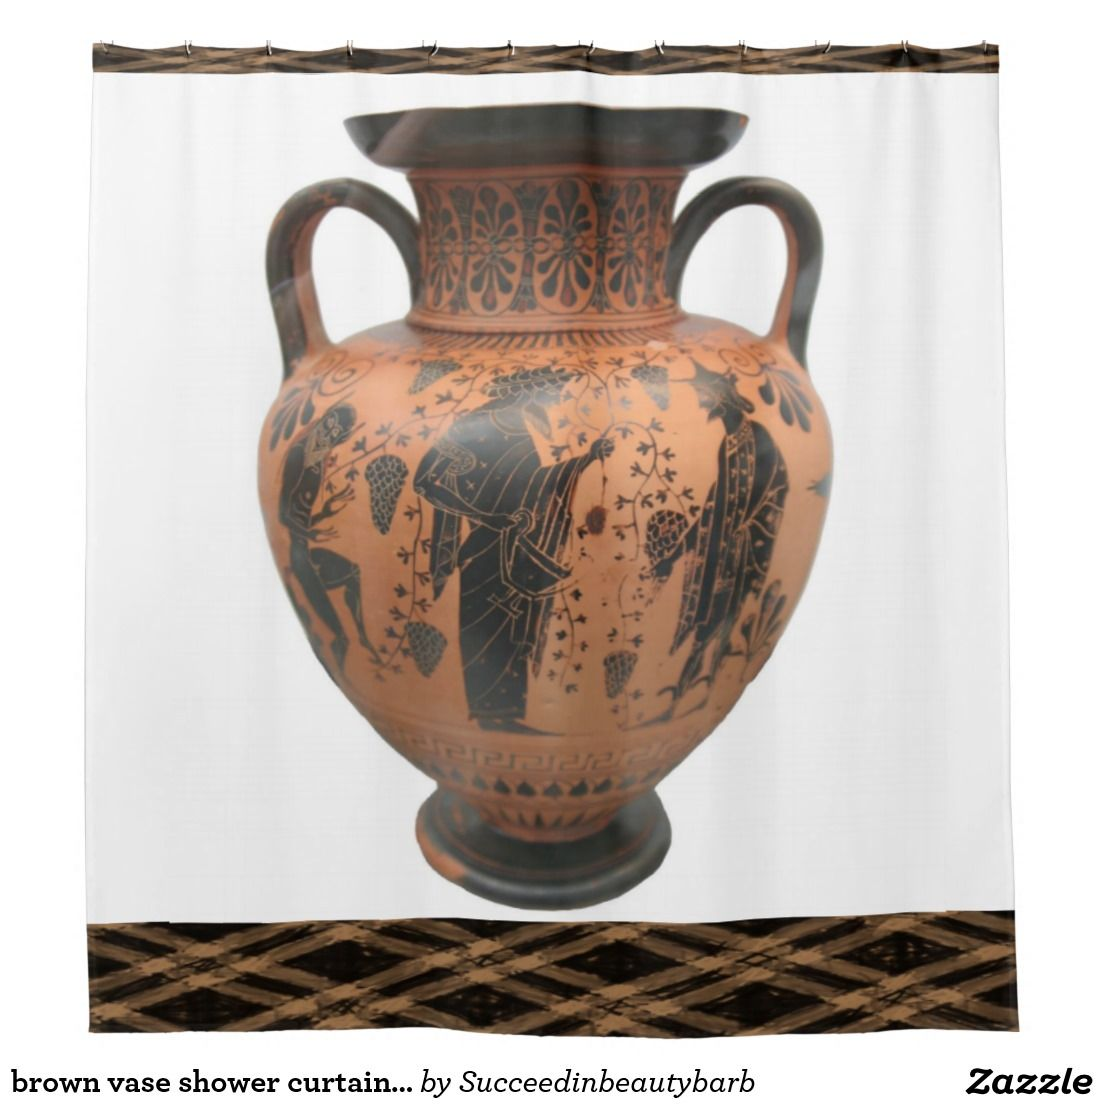 brown vase shower curtain pattern